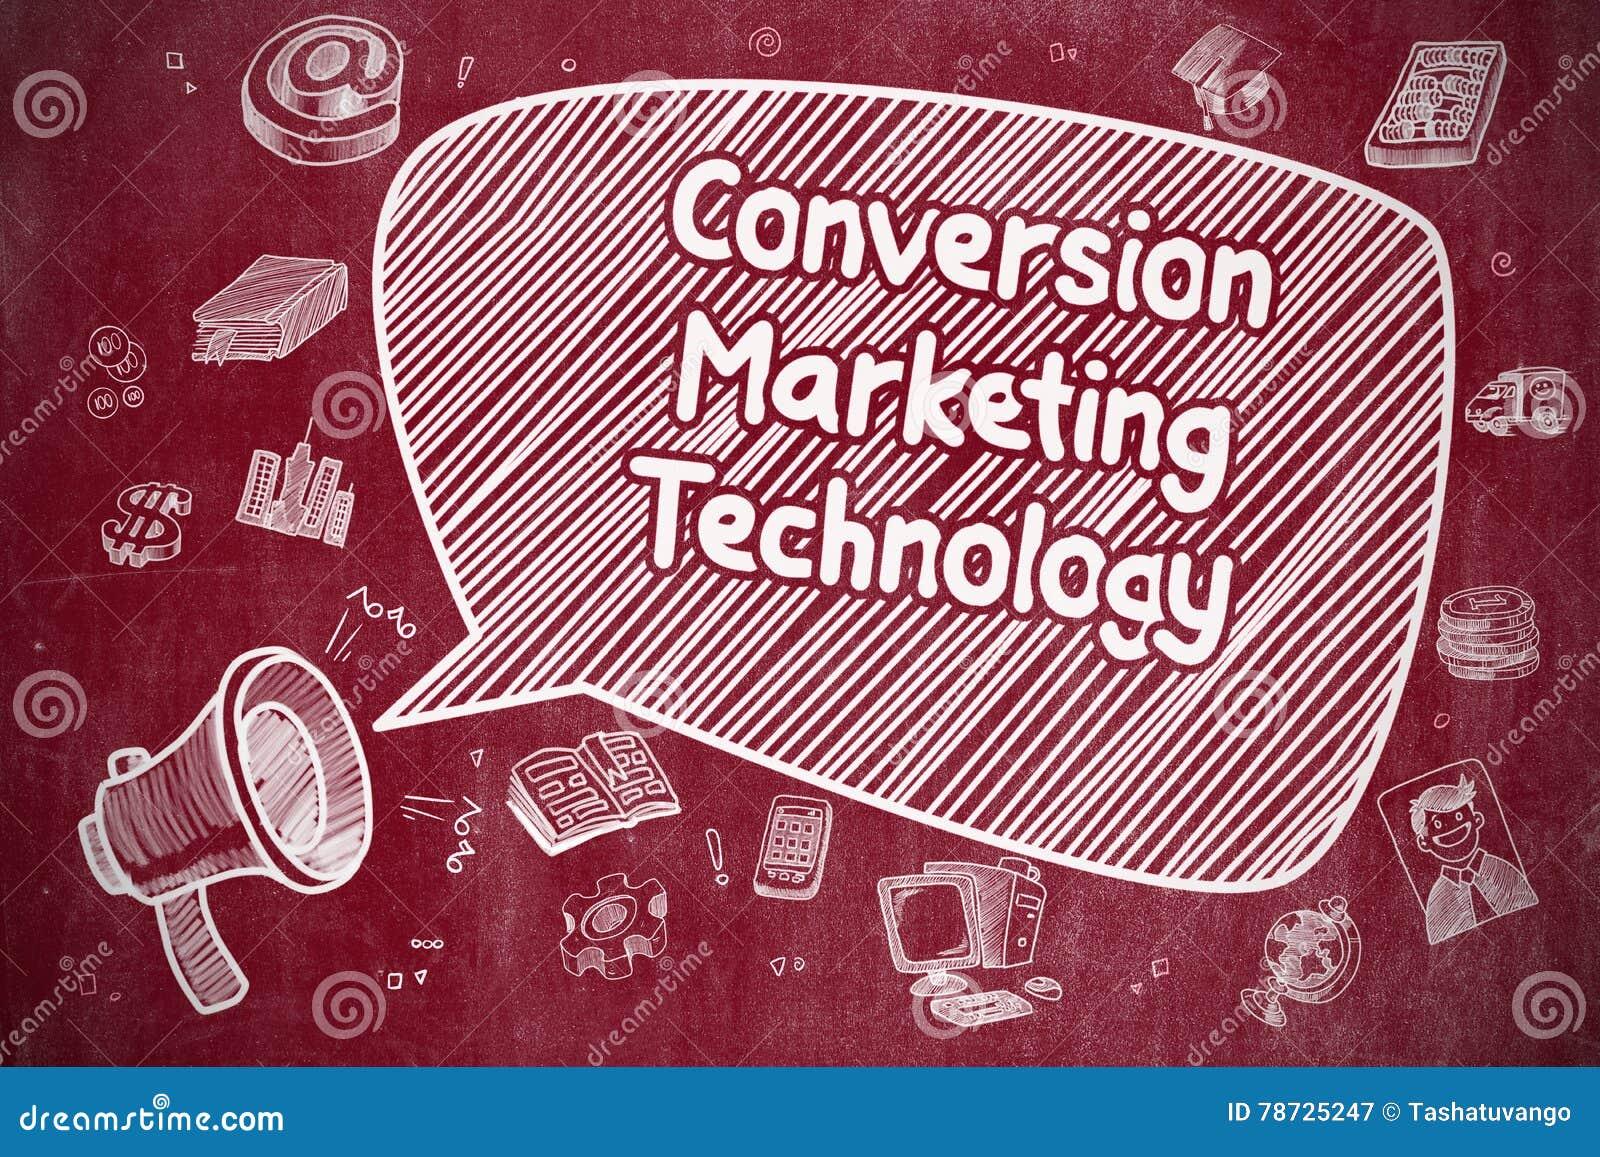 Omvandlingsmarknadsföringsteknologi - affärsidé